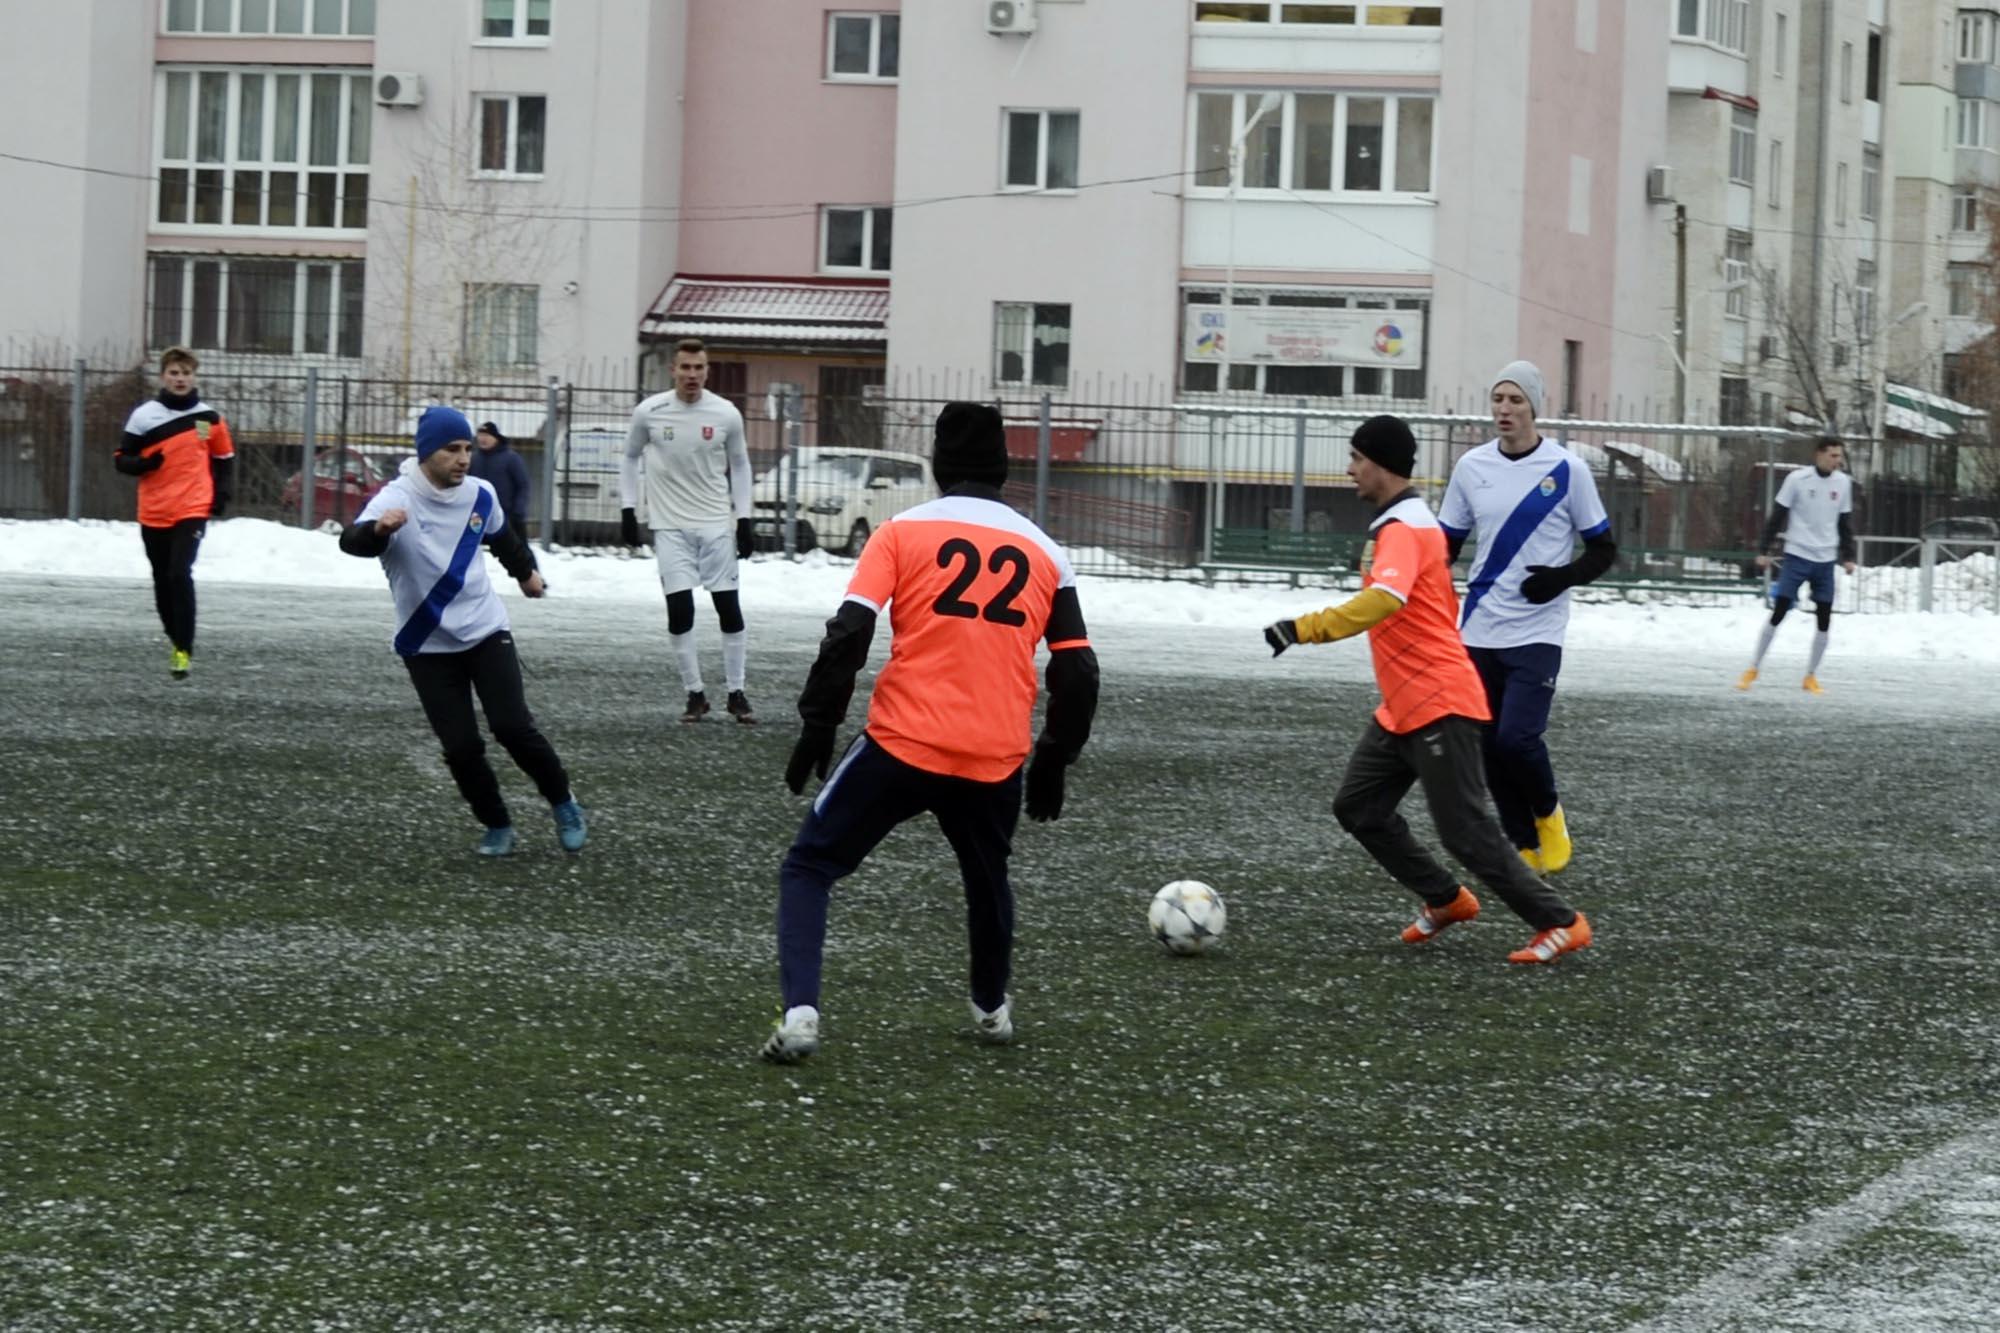 Зимовий чемпіонат міста з футболу. Перший ігровий день